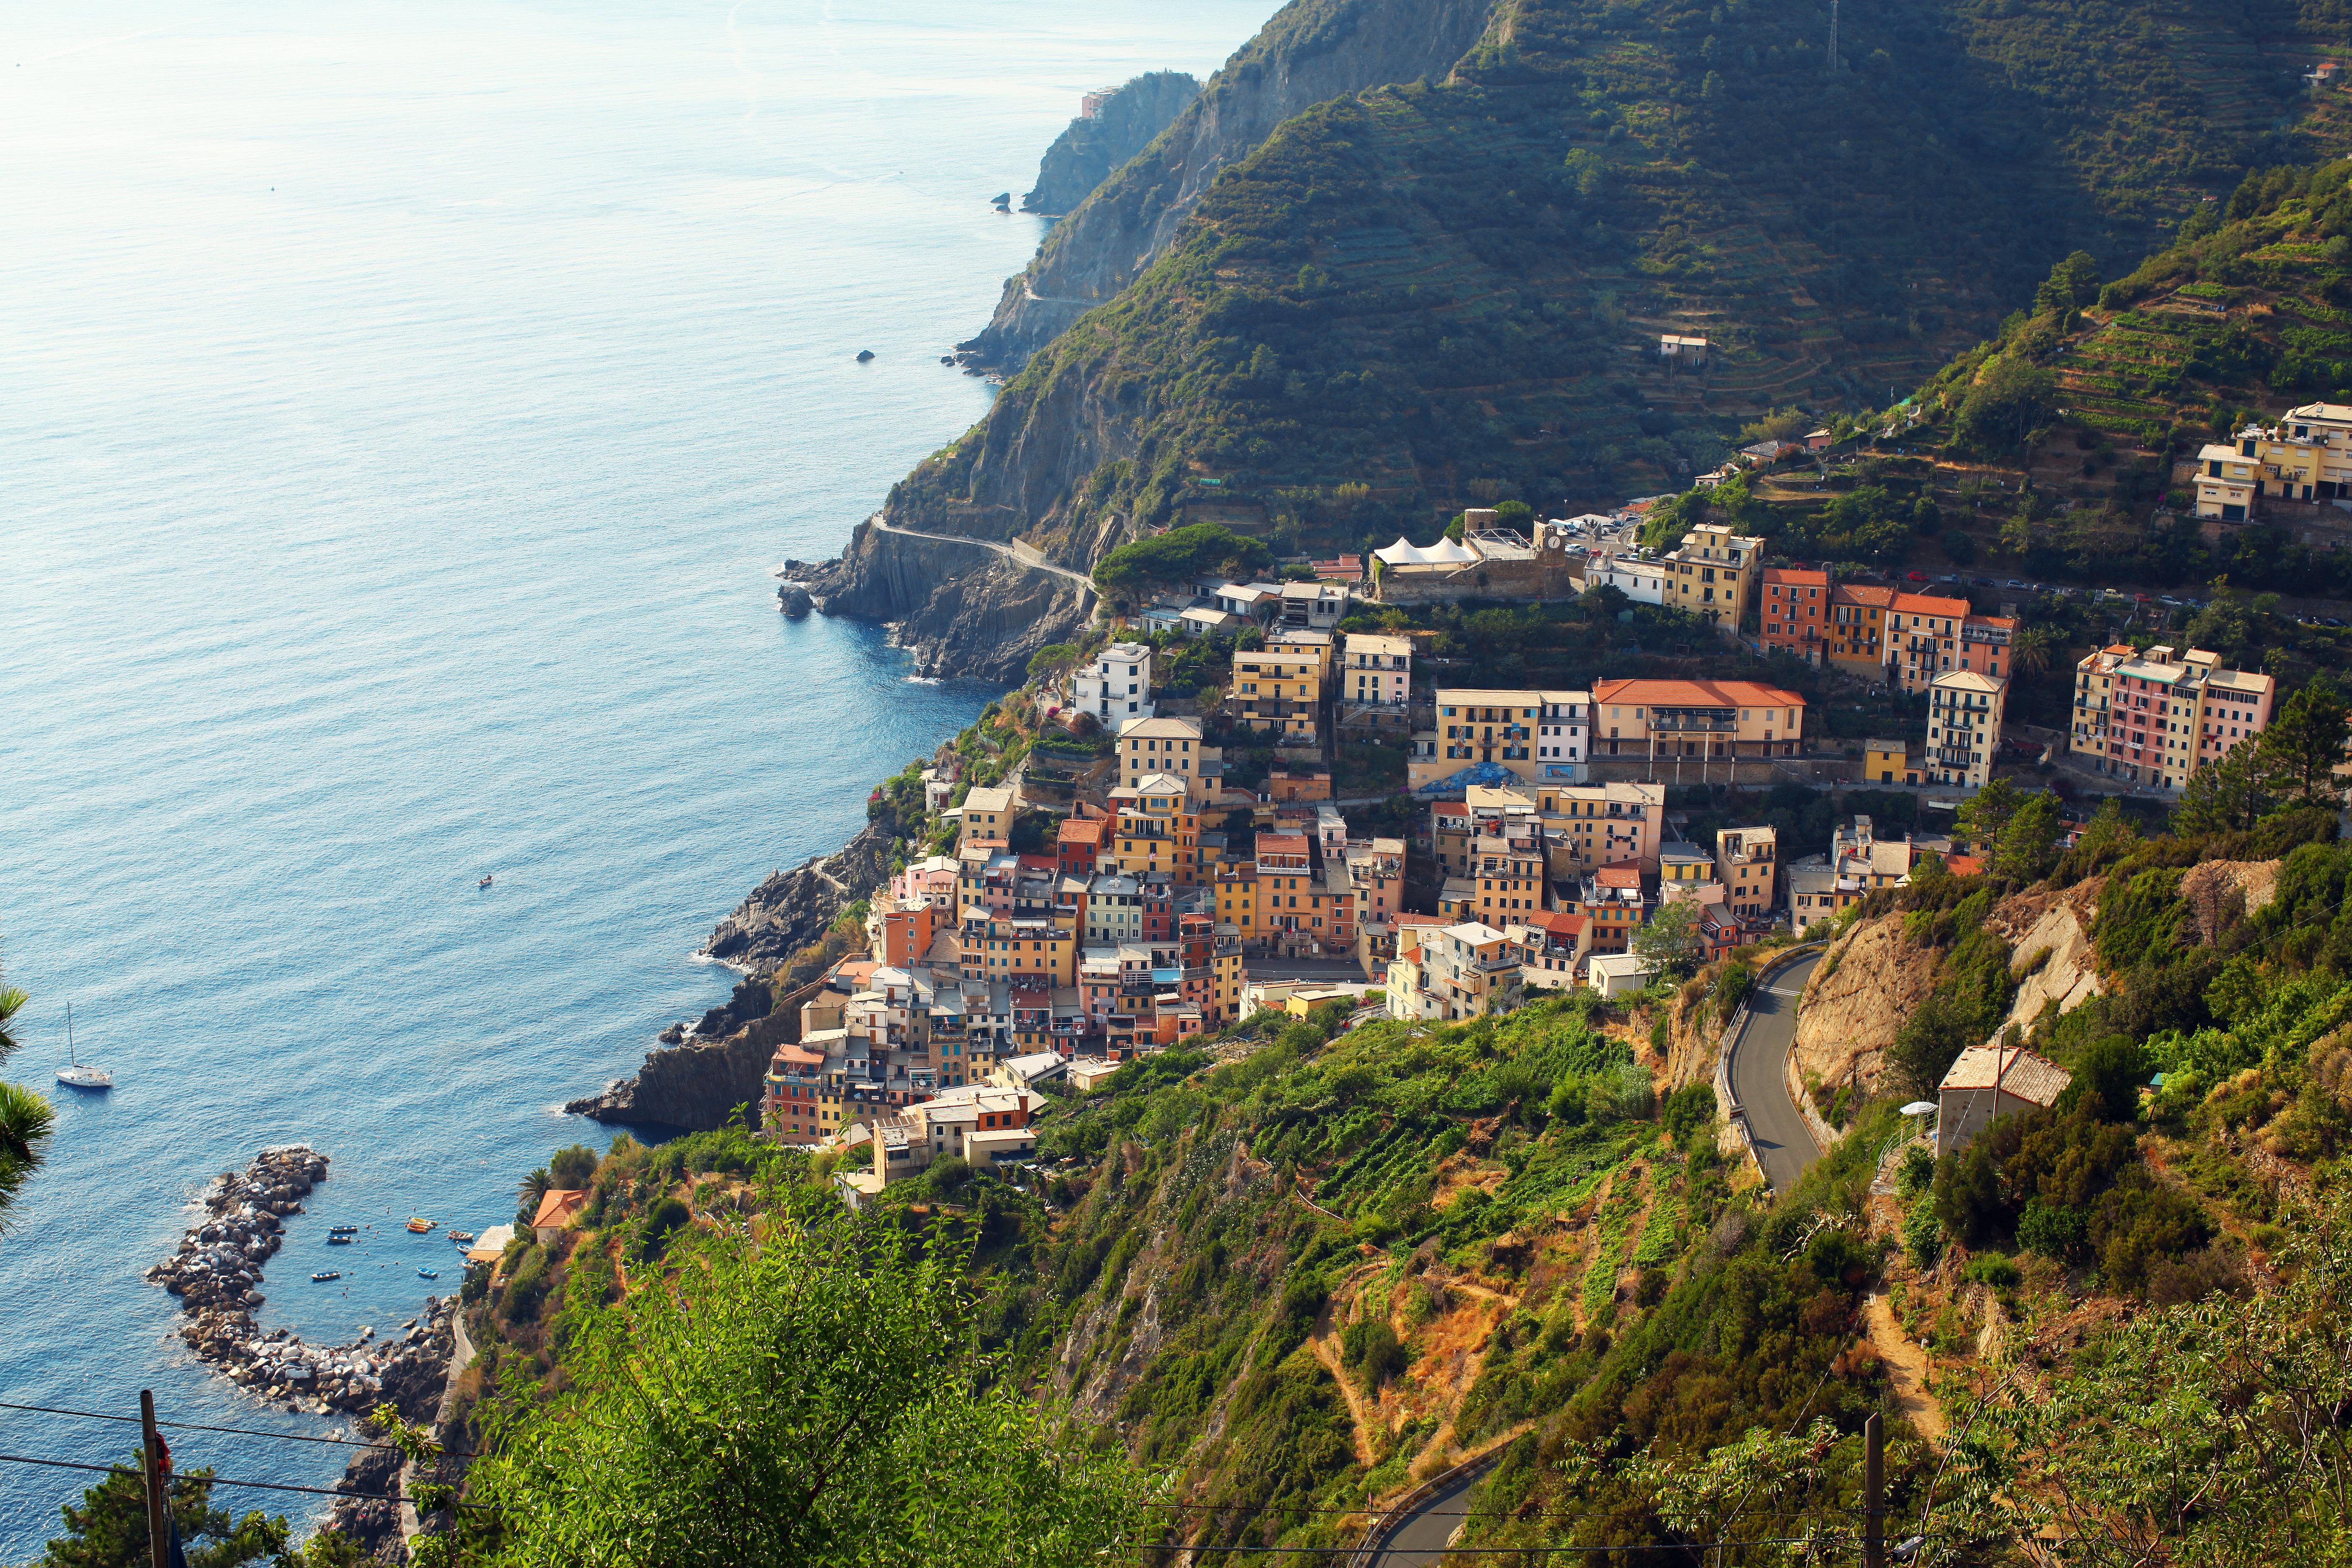 Cinque Terre Consorzio Turistico, Monterosso al Mare, Italy (Unsplash).jpg